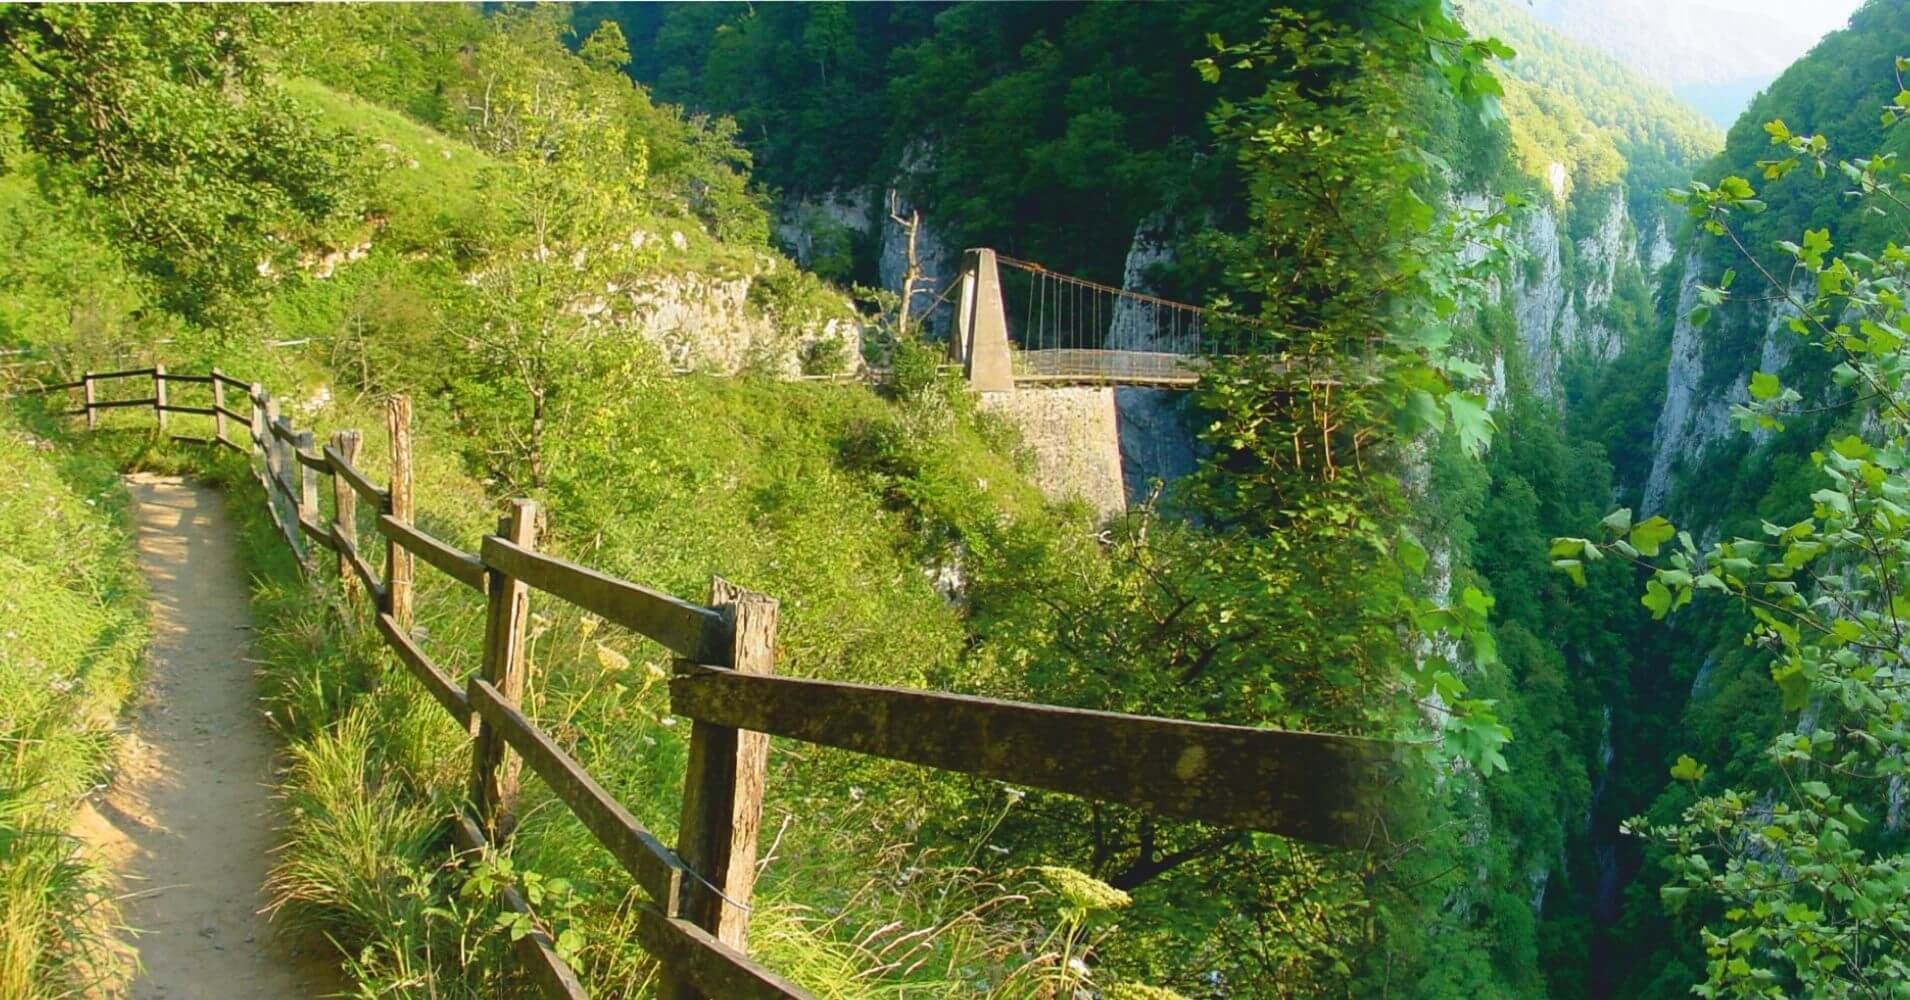 Ruta Garganta y Pasarela de Gorges de Holzarte. Larrau, Pirineos Atlánticos. Nueva Aquitania. Francia.